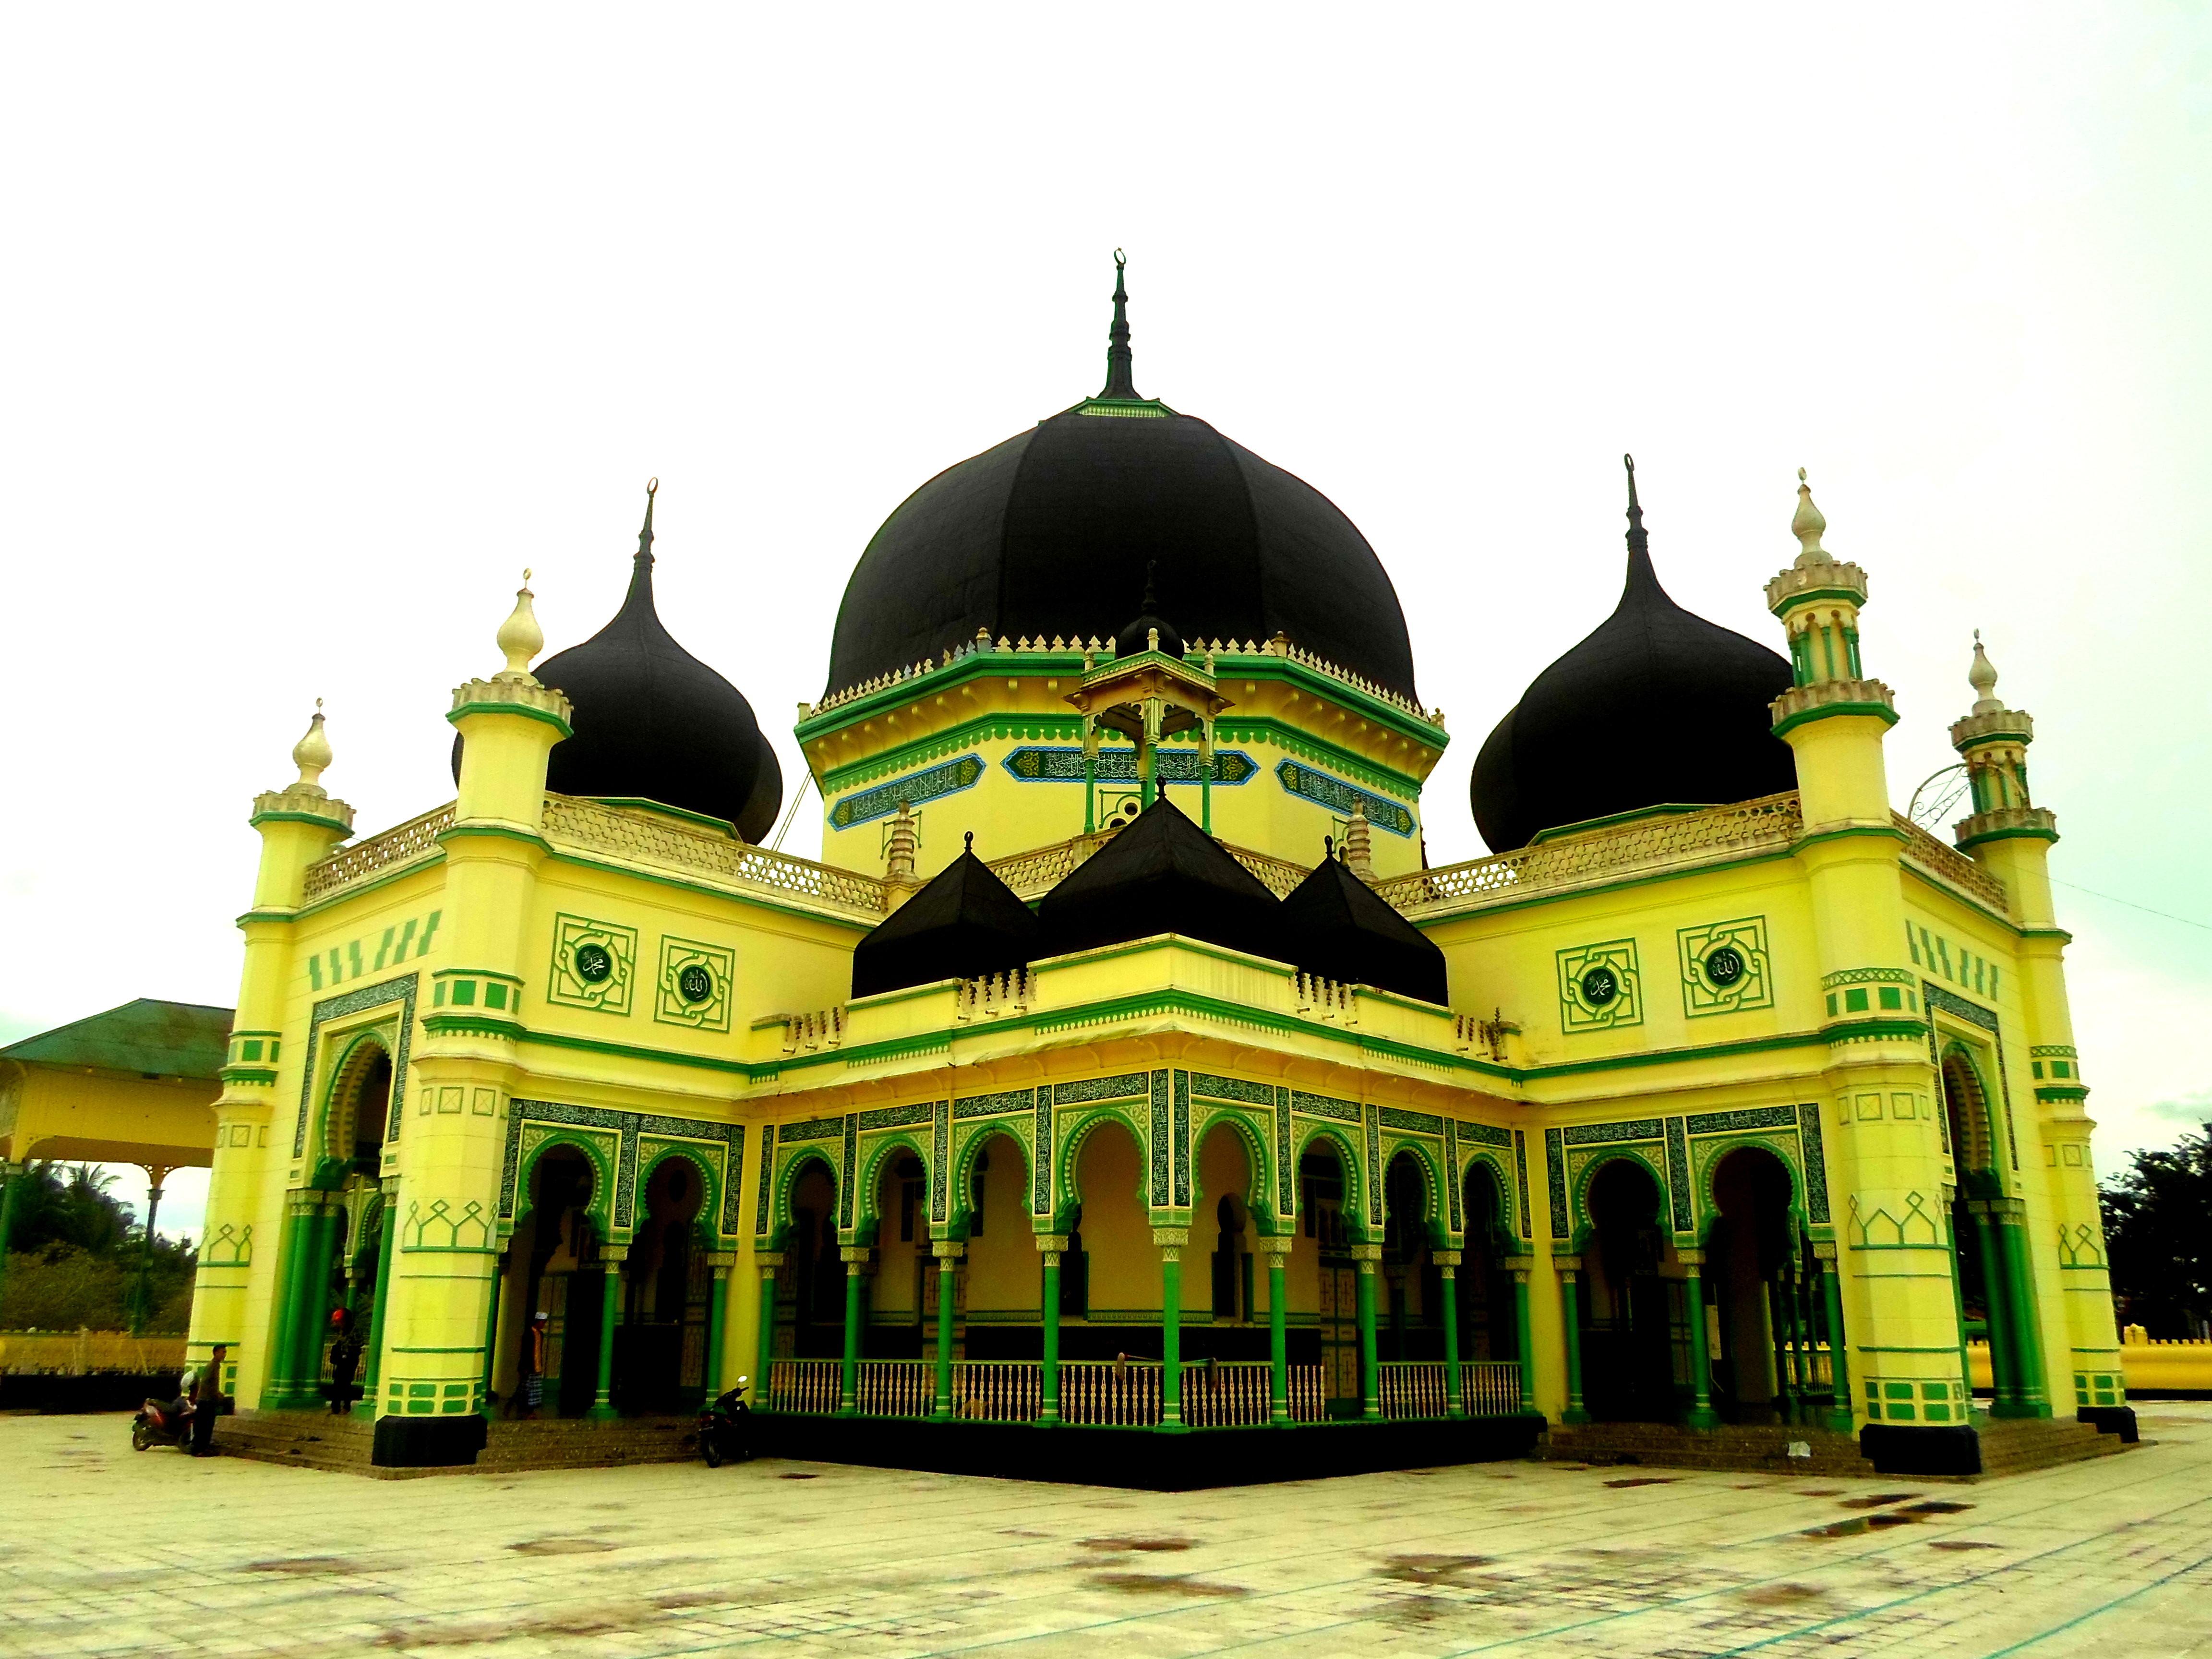 Free Masjid Png ClipArt Best HD Wallpaper.